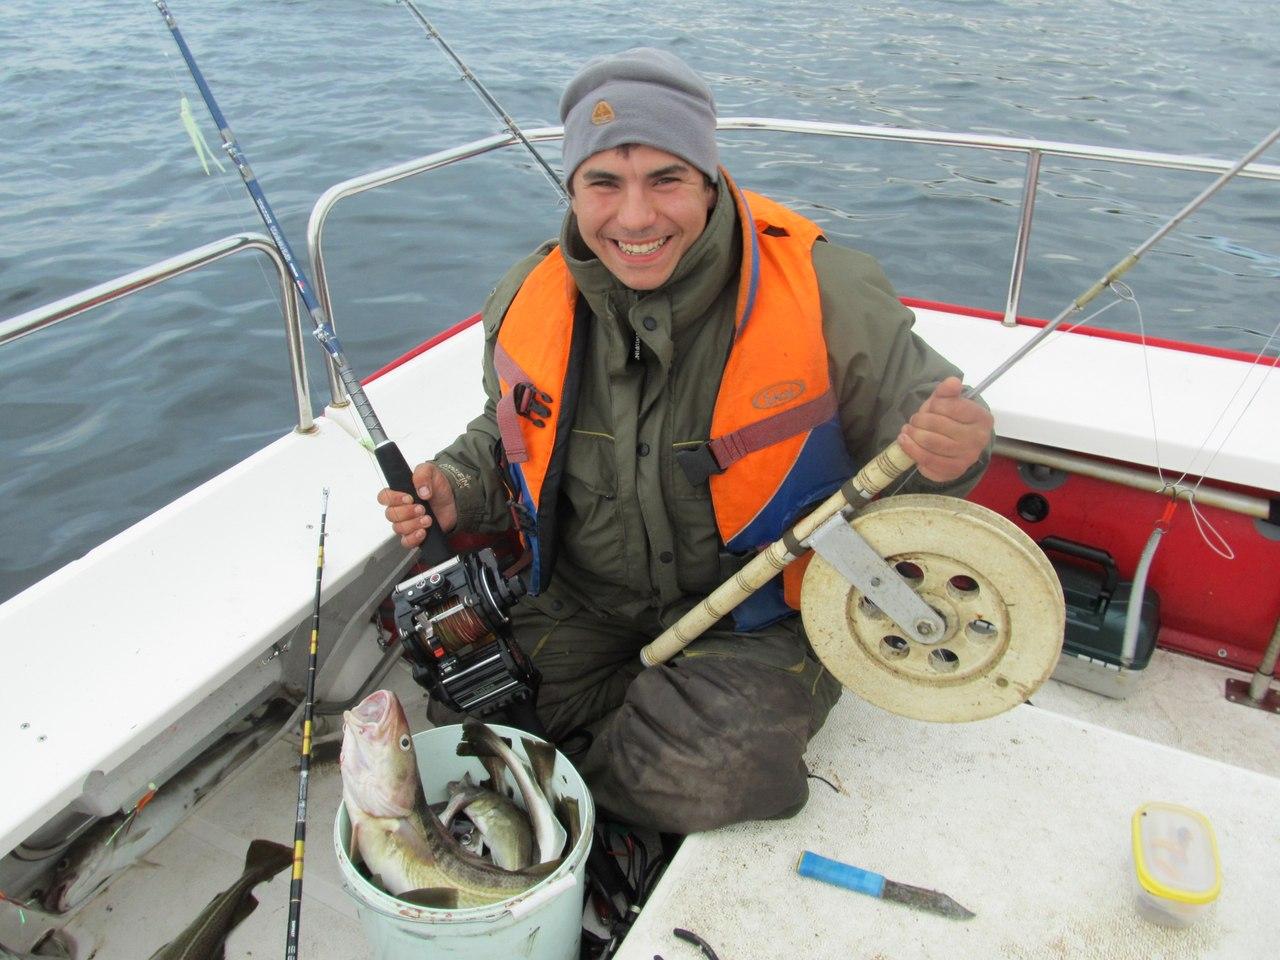 морские лодки для рыбалки самодельные